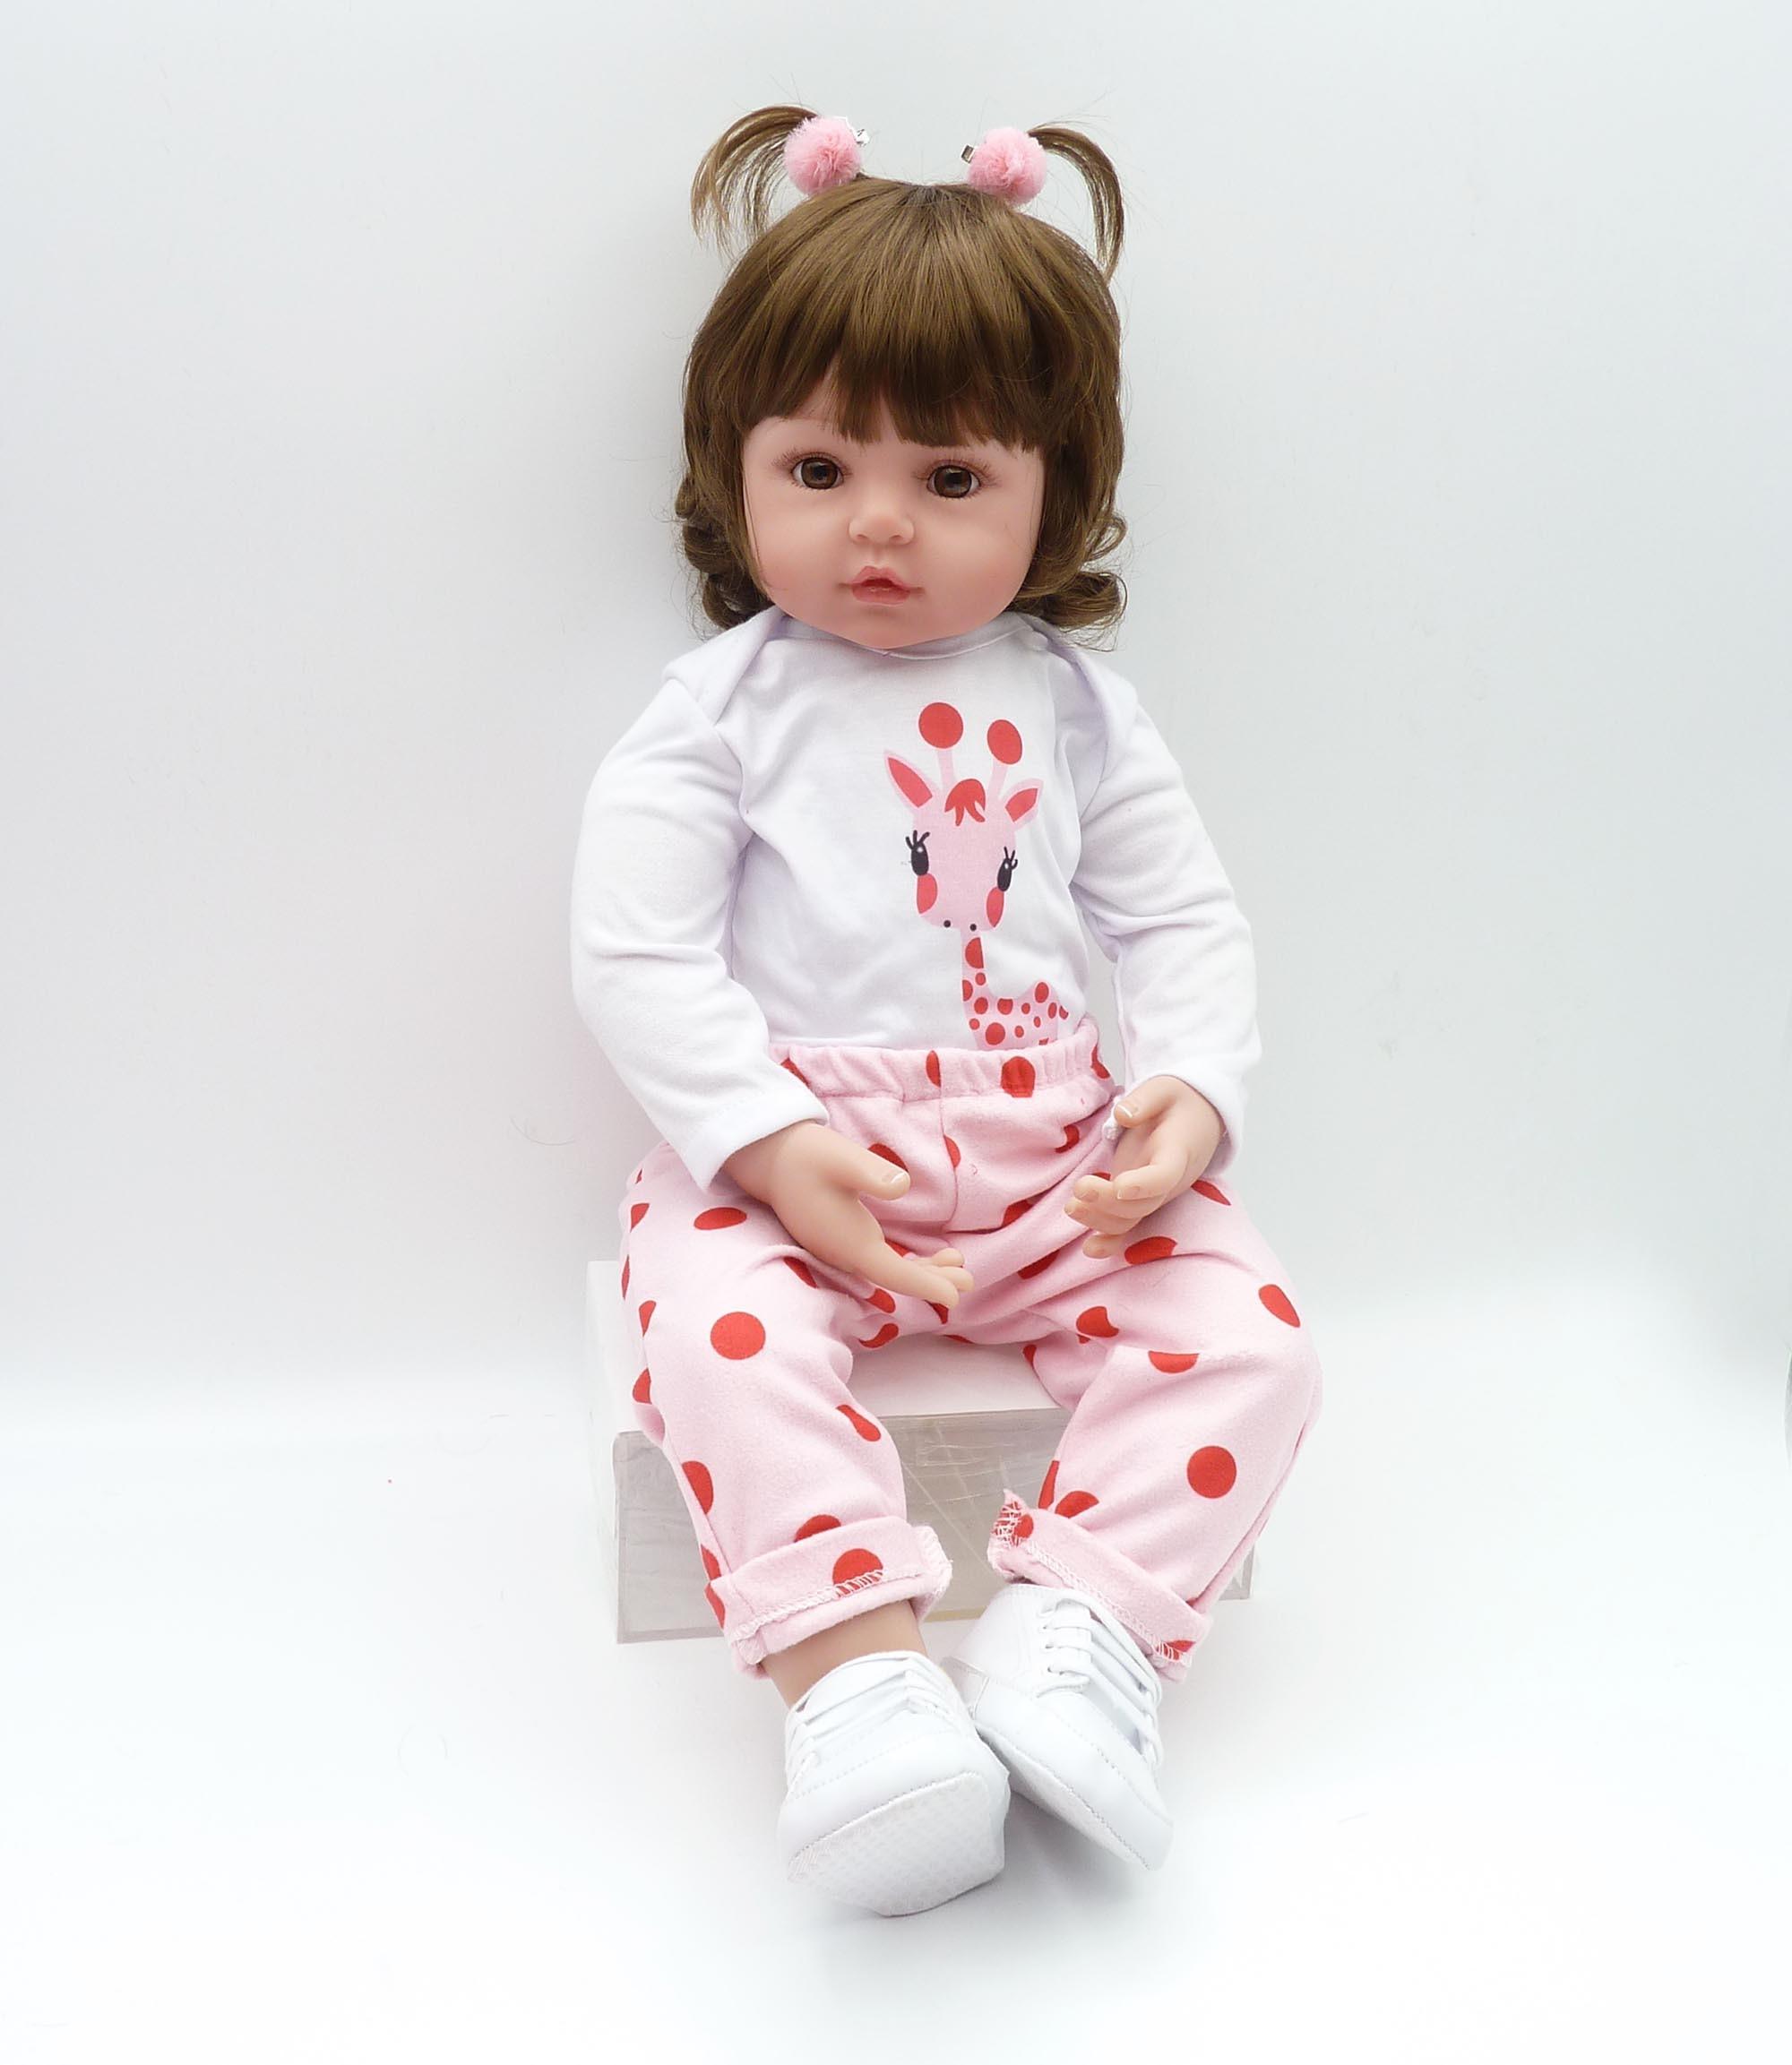 Nouveau-né 19 pouces silicone poupée bebe reborn poupée mignon peluche jouet bébé fille donne à l'enfant le meilleur cadeau d'anniversaire de noël enfant! - 5